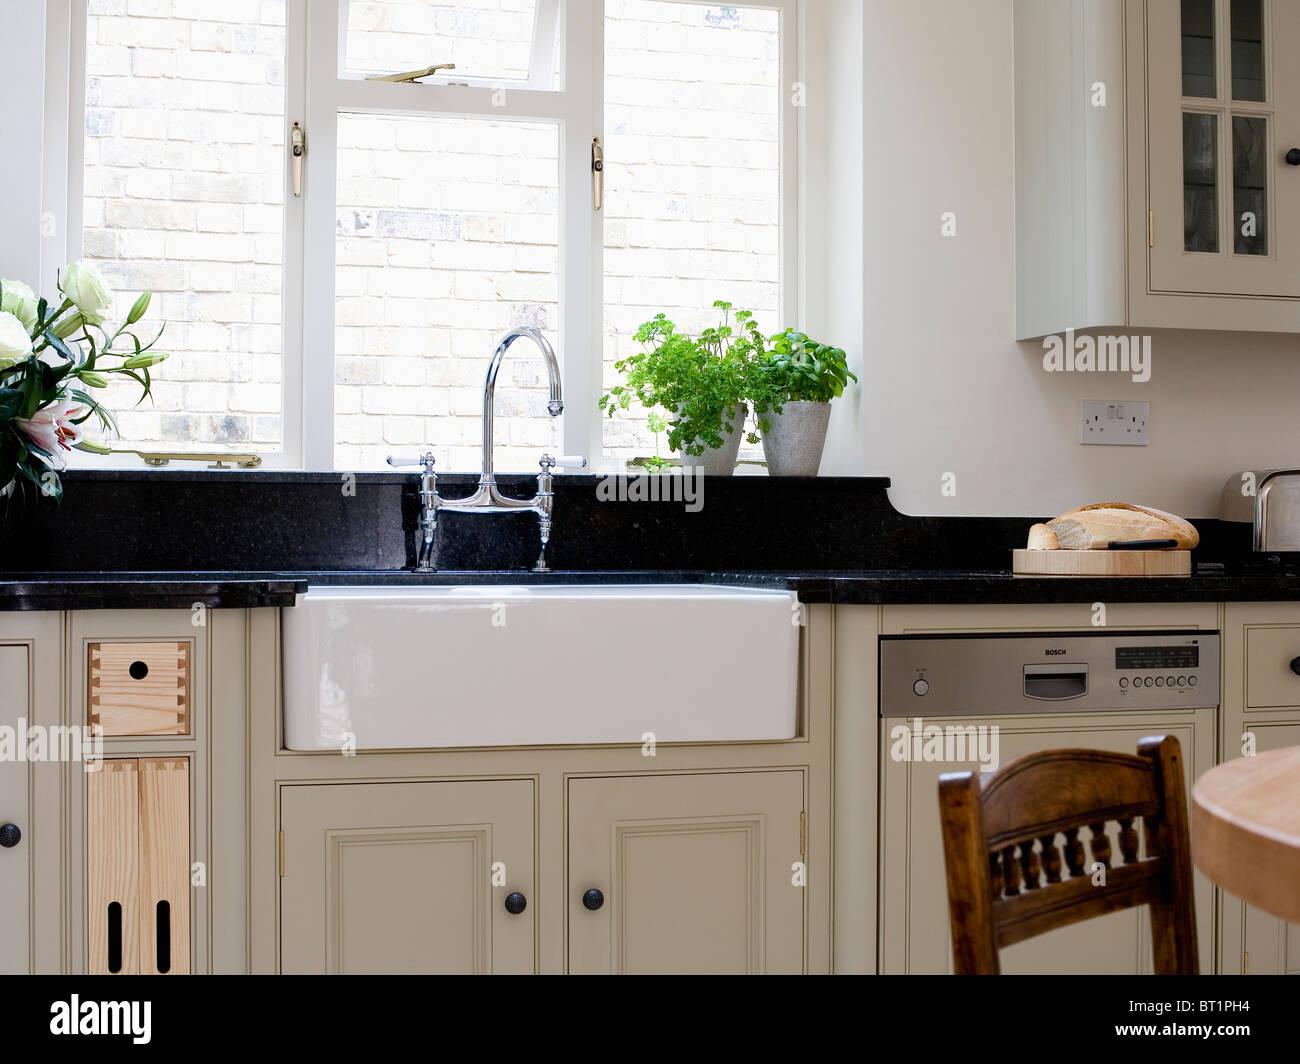 belfast waschbecken unter fenster in modernen k che stockfoto bild 32001792 alamy. Black Bedroom Furniture Sets. Home Design Ideas